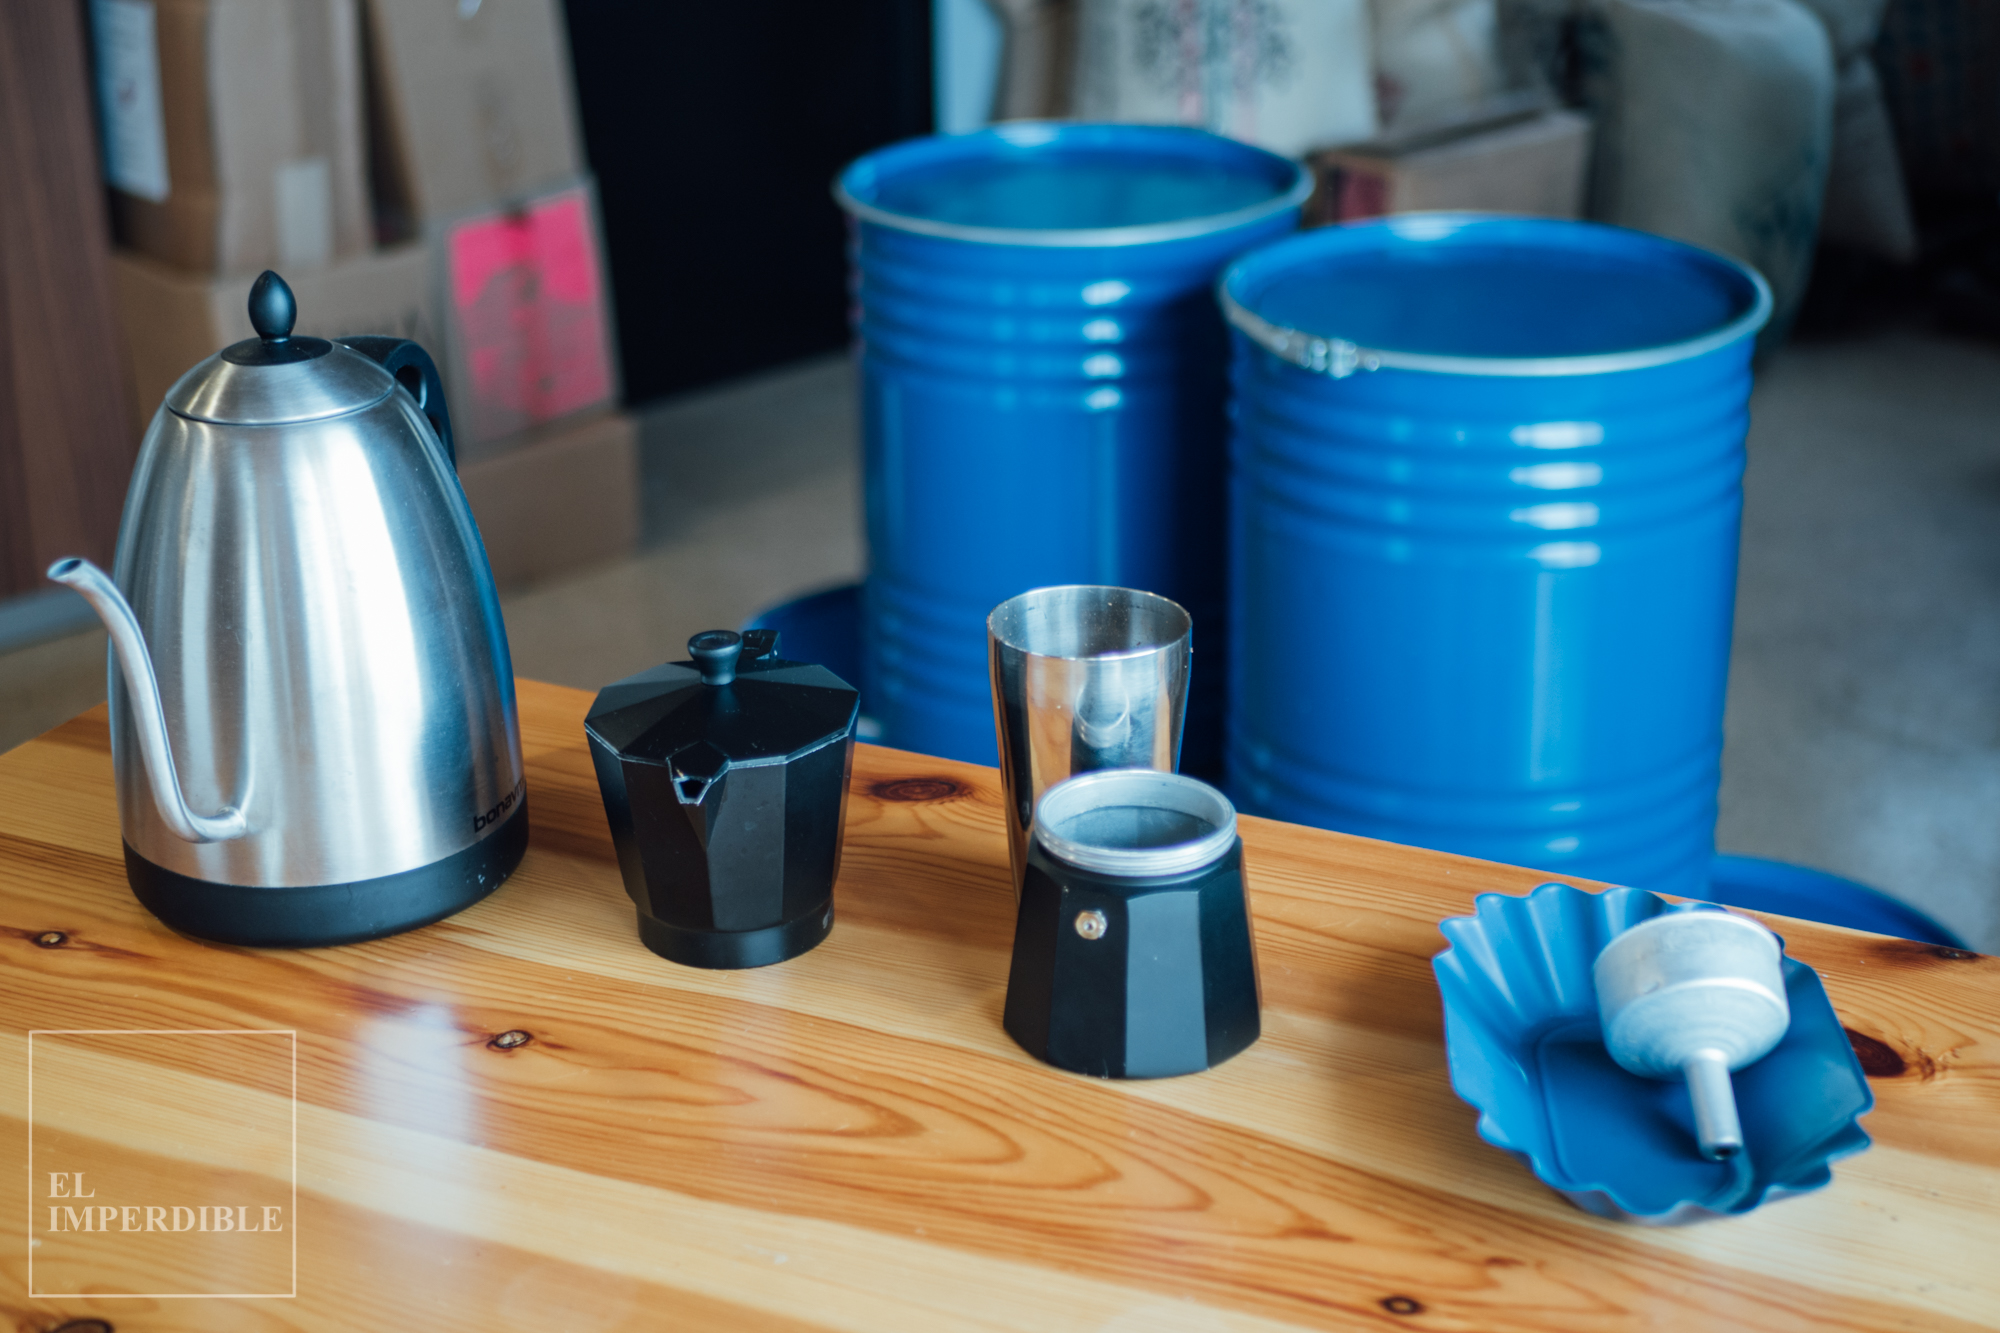 Honorio García Cómo preparar un buen café en casa